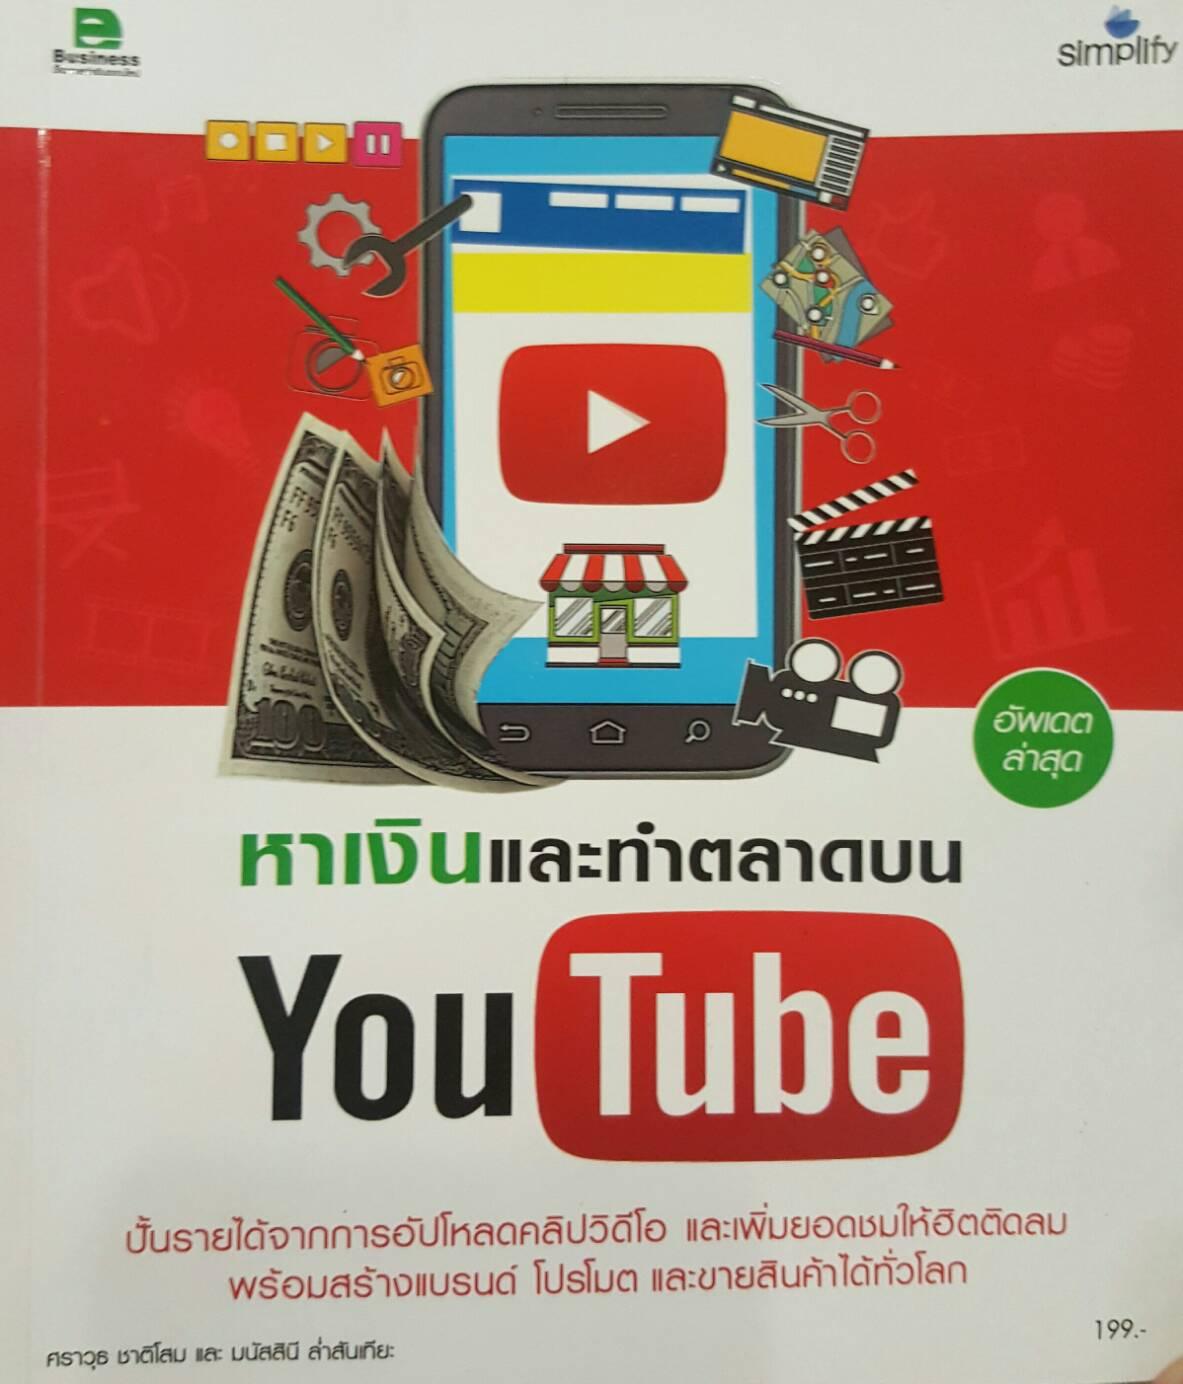 หาเงินและทำตลาดบนYouTube